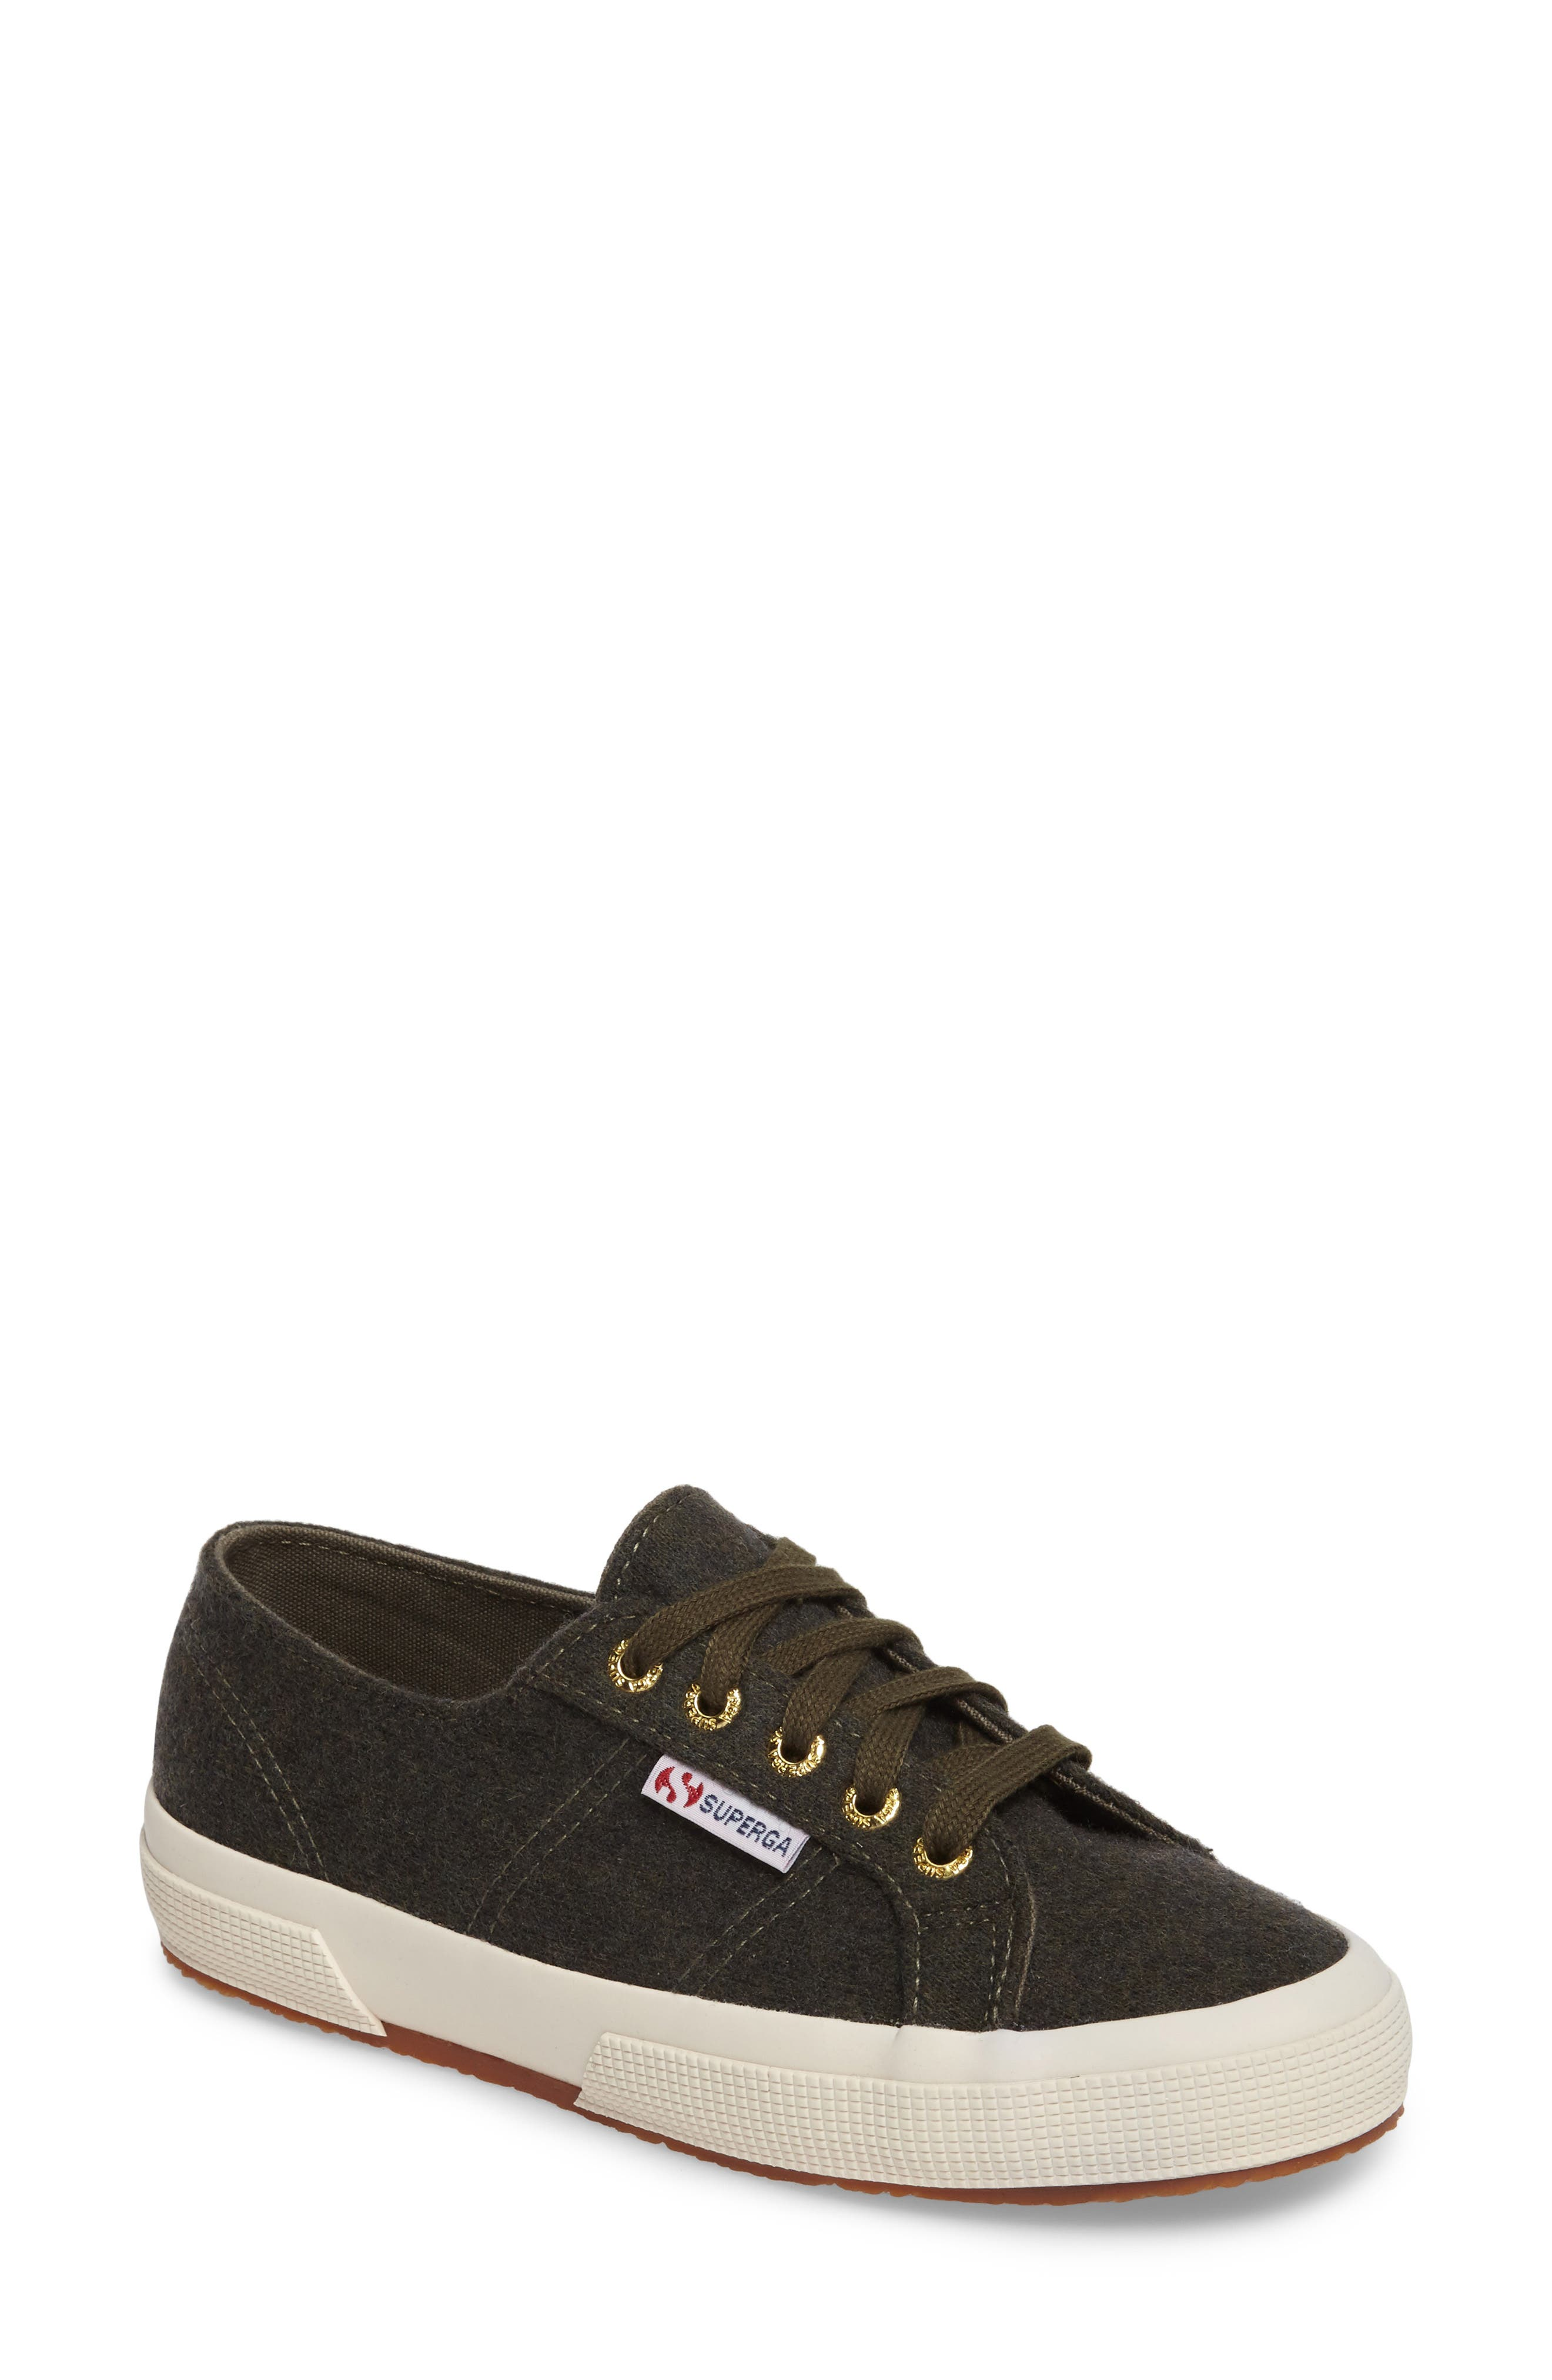 Superga 2750 Wool Sneaker (Women)